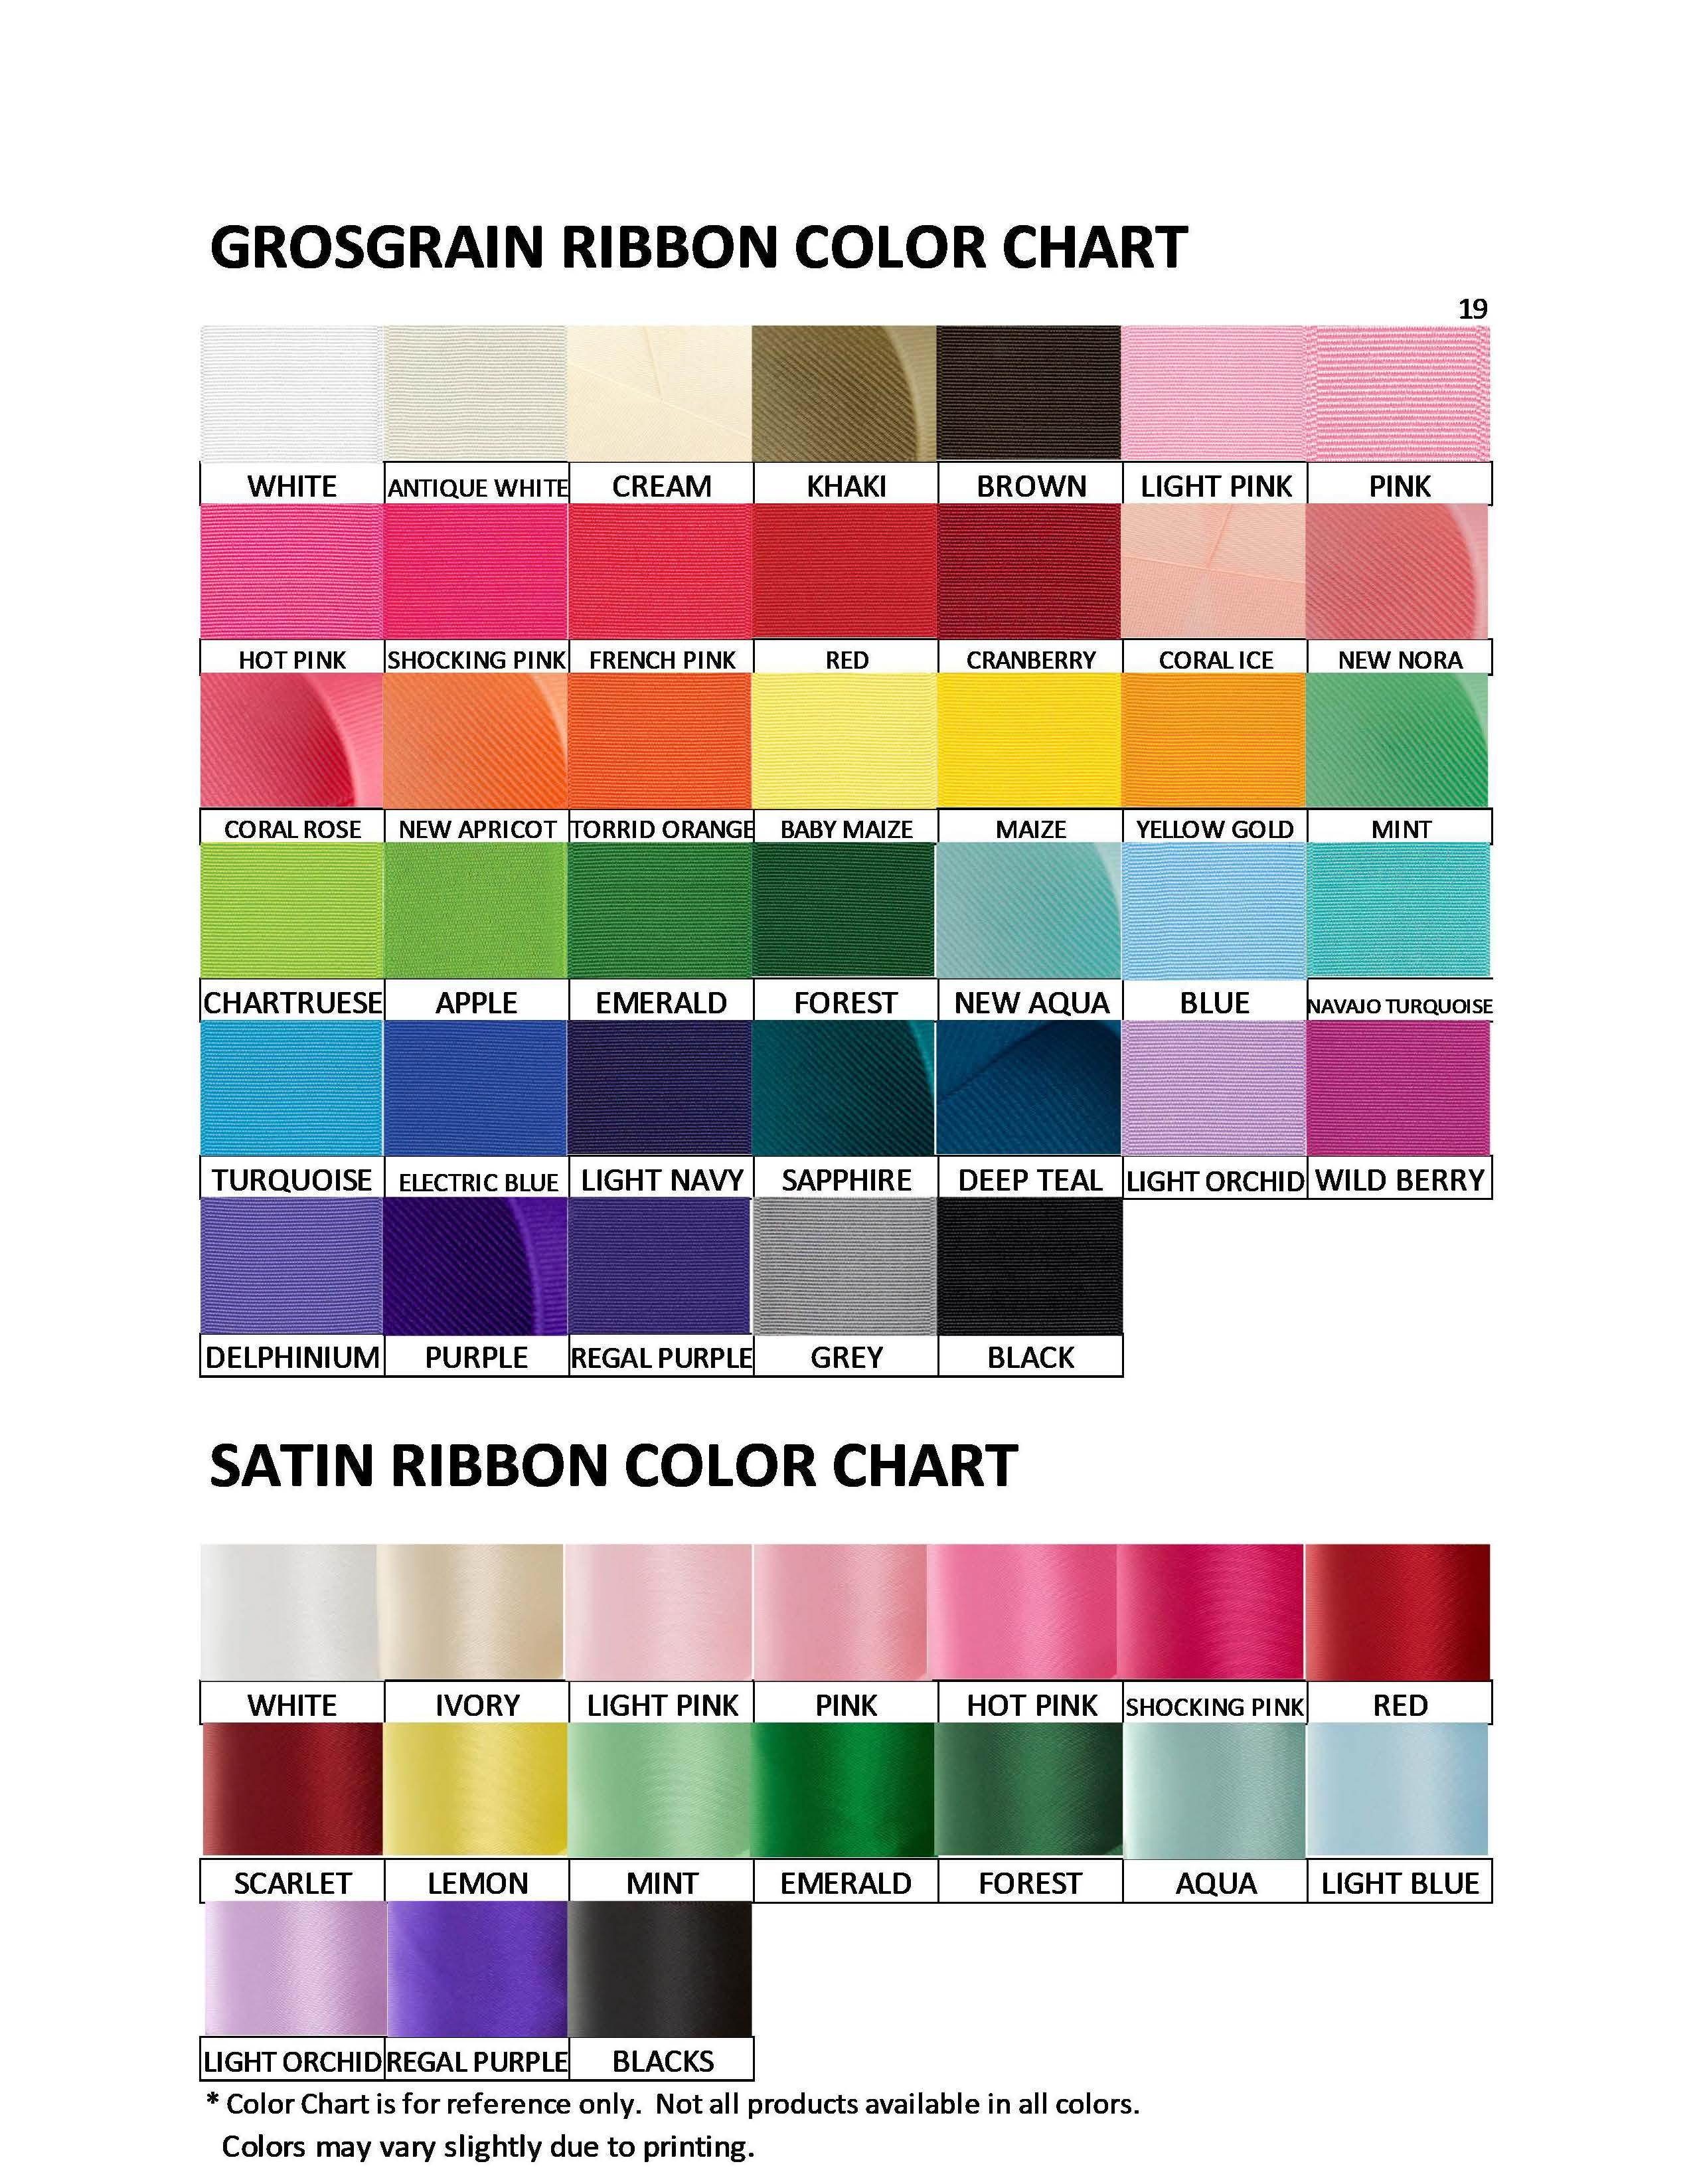 ribbon-color-charts-7-18-19-page-1.jpg